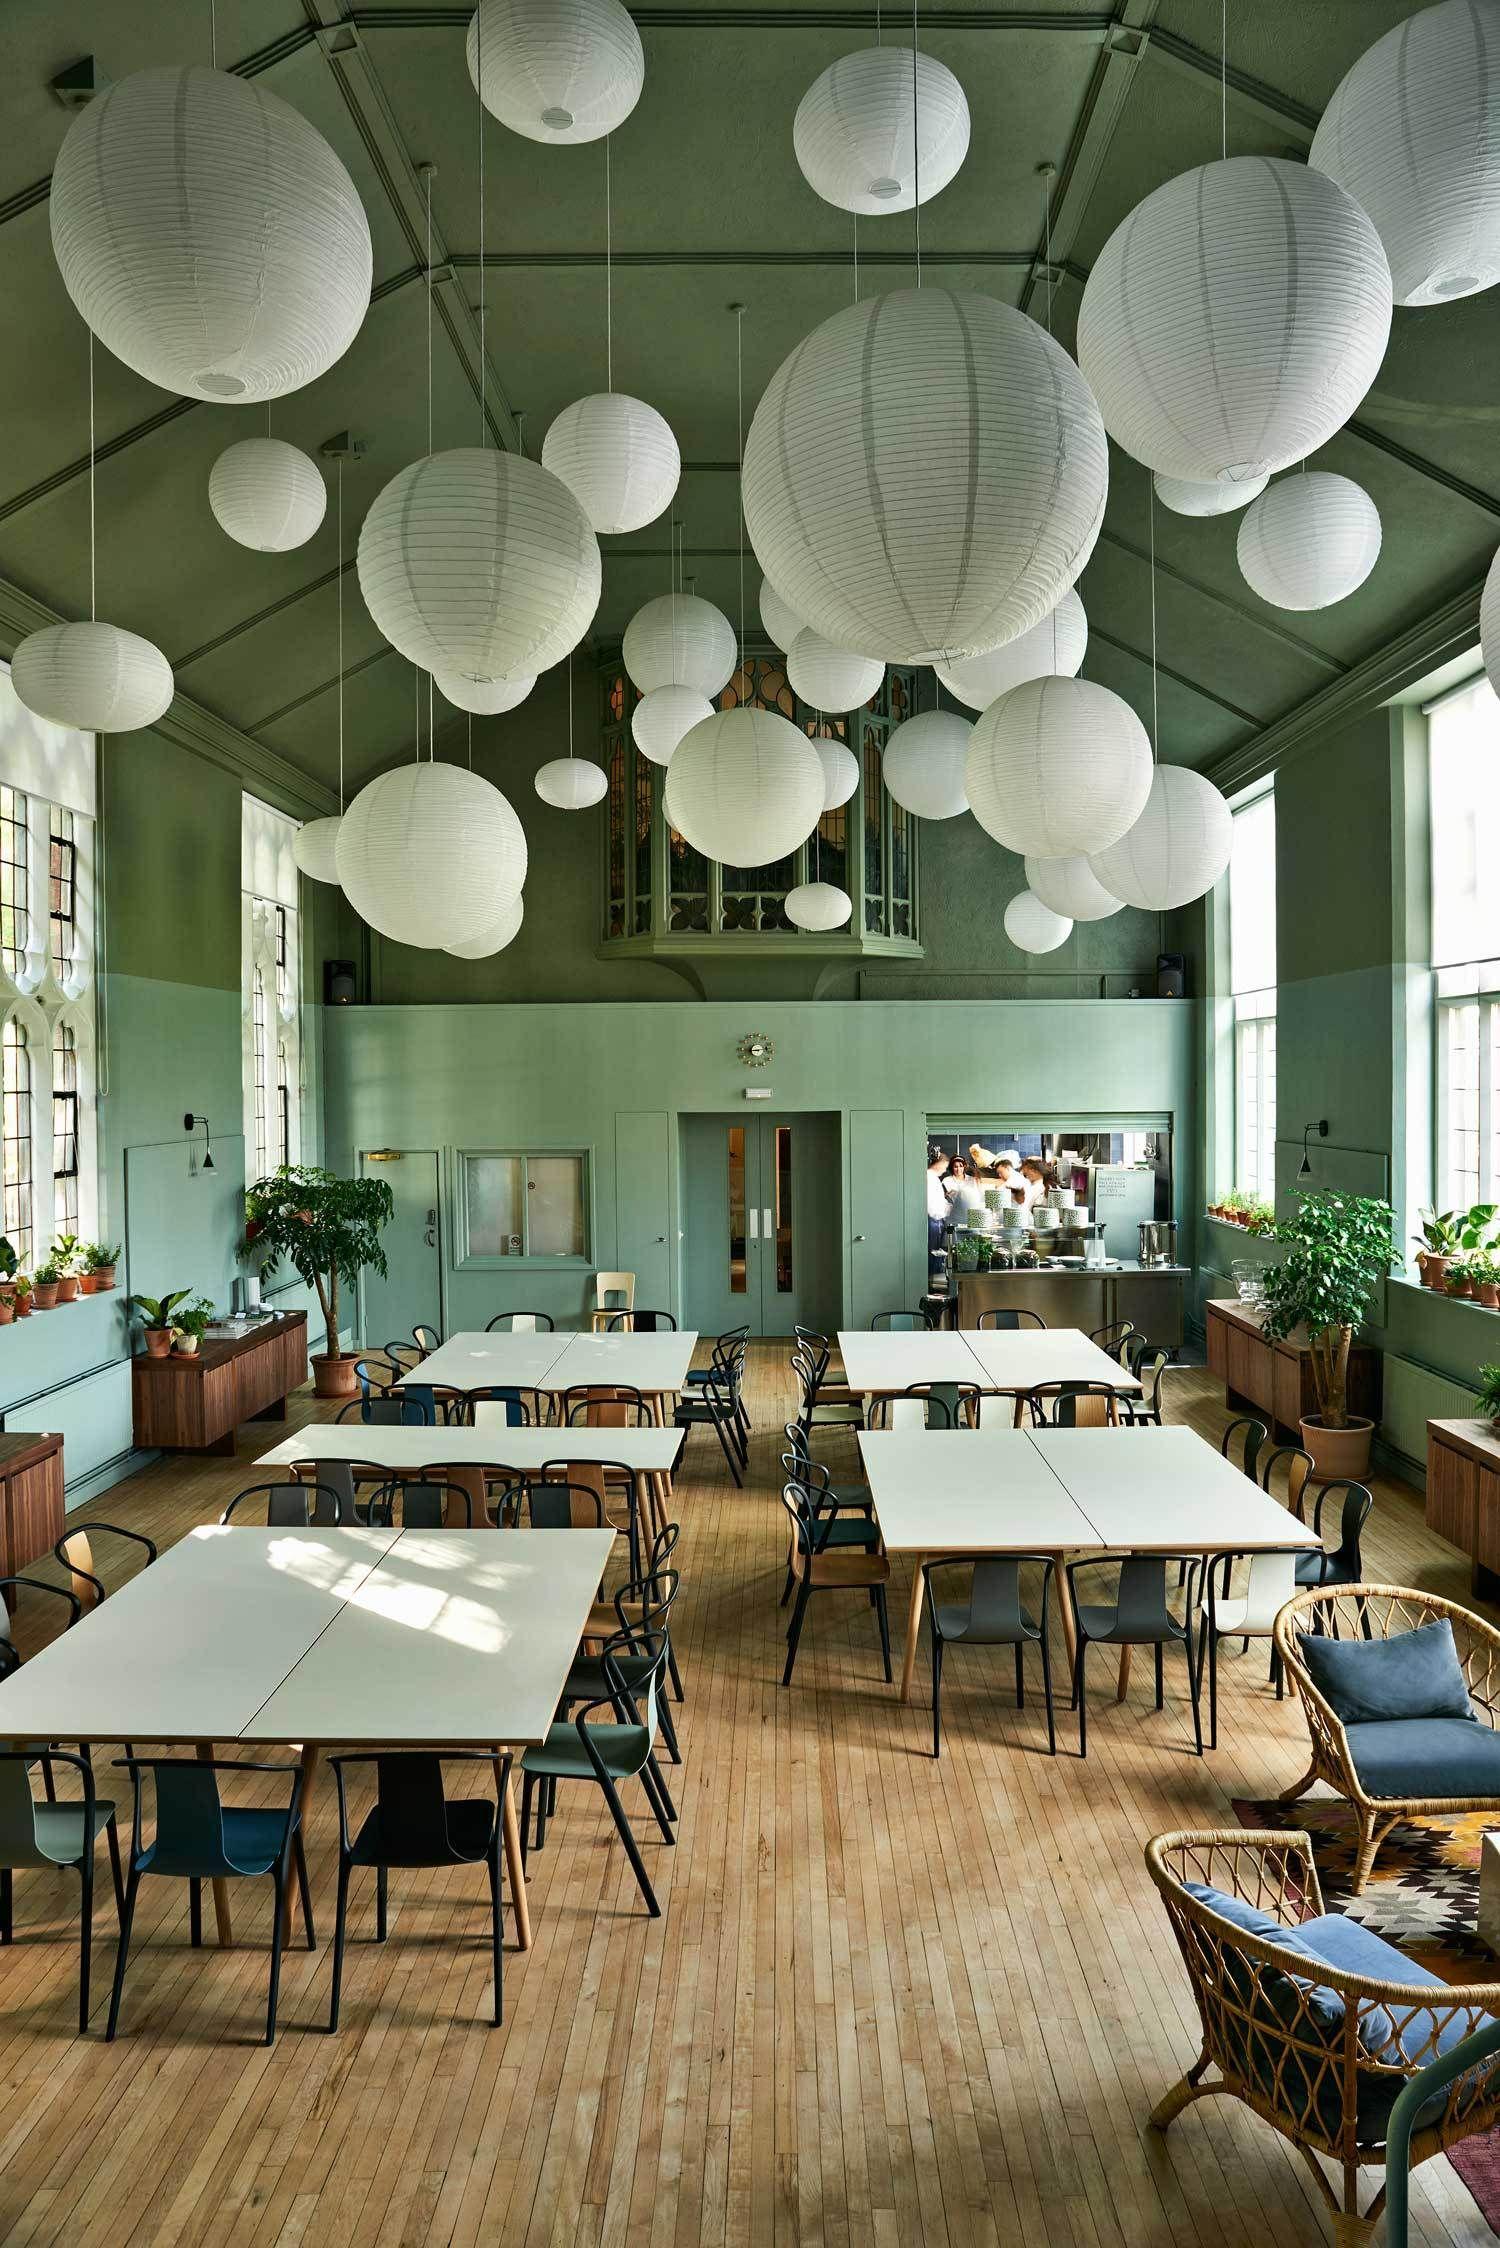 Food For Soul S Refettorio Felix Soup Kitchen In London By Studioilse Soup Kitchen Decor Interior Design